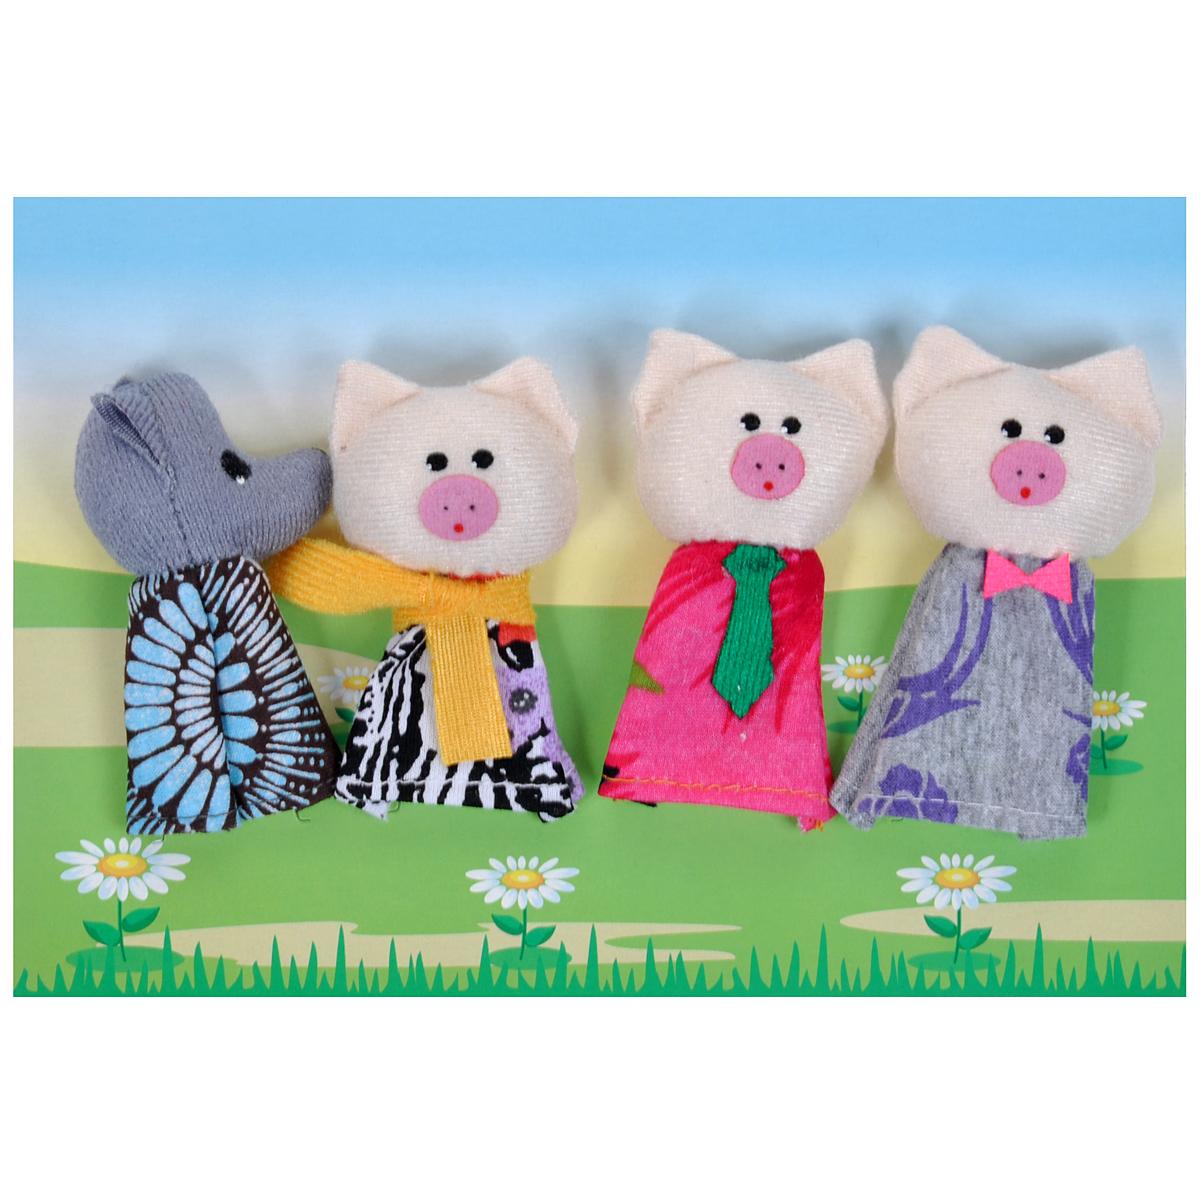 Пальчиковый театр Три поросенка, 4 предмета017.09Пальчиковый театр Три поросенка - это набор развивающих мягких игрушек, состоящий из фигурок надеваемых на пальцы руки взрослого или ребенка. В комплекте пальчиковые куклы, 4 штуки: 3 поросенка и серый волк. Рекомендуем работать разными парами пальцев, разными руками и обеими руками одновременно. Фигурки изображают известных сказочных героев. Все персонажи очень яркие, мягкие. Маленькие фигурки пальчикового театра создадут Вам компанию во время прогулки или посещения поликлиники, в дороге. Они не займут много места в маминой сумочке и помогут развлечь малыша. С их помощью можно оживить любимые стихи, сказки, потешки. Незамысловатая игрушка развивает интонацию, исполнительские умения, творческие способности в передаче образа, мелкую моторику. Театрализованные игры создают эмоциональный подъем, повышают жизненный тонус ребенка. Характеристики: Материал: текстиль. Высота одной фигурки: 8 см Размер упаковки: 25,5 см x 24 см x 1,5 см. ...